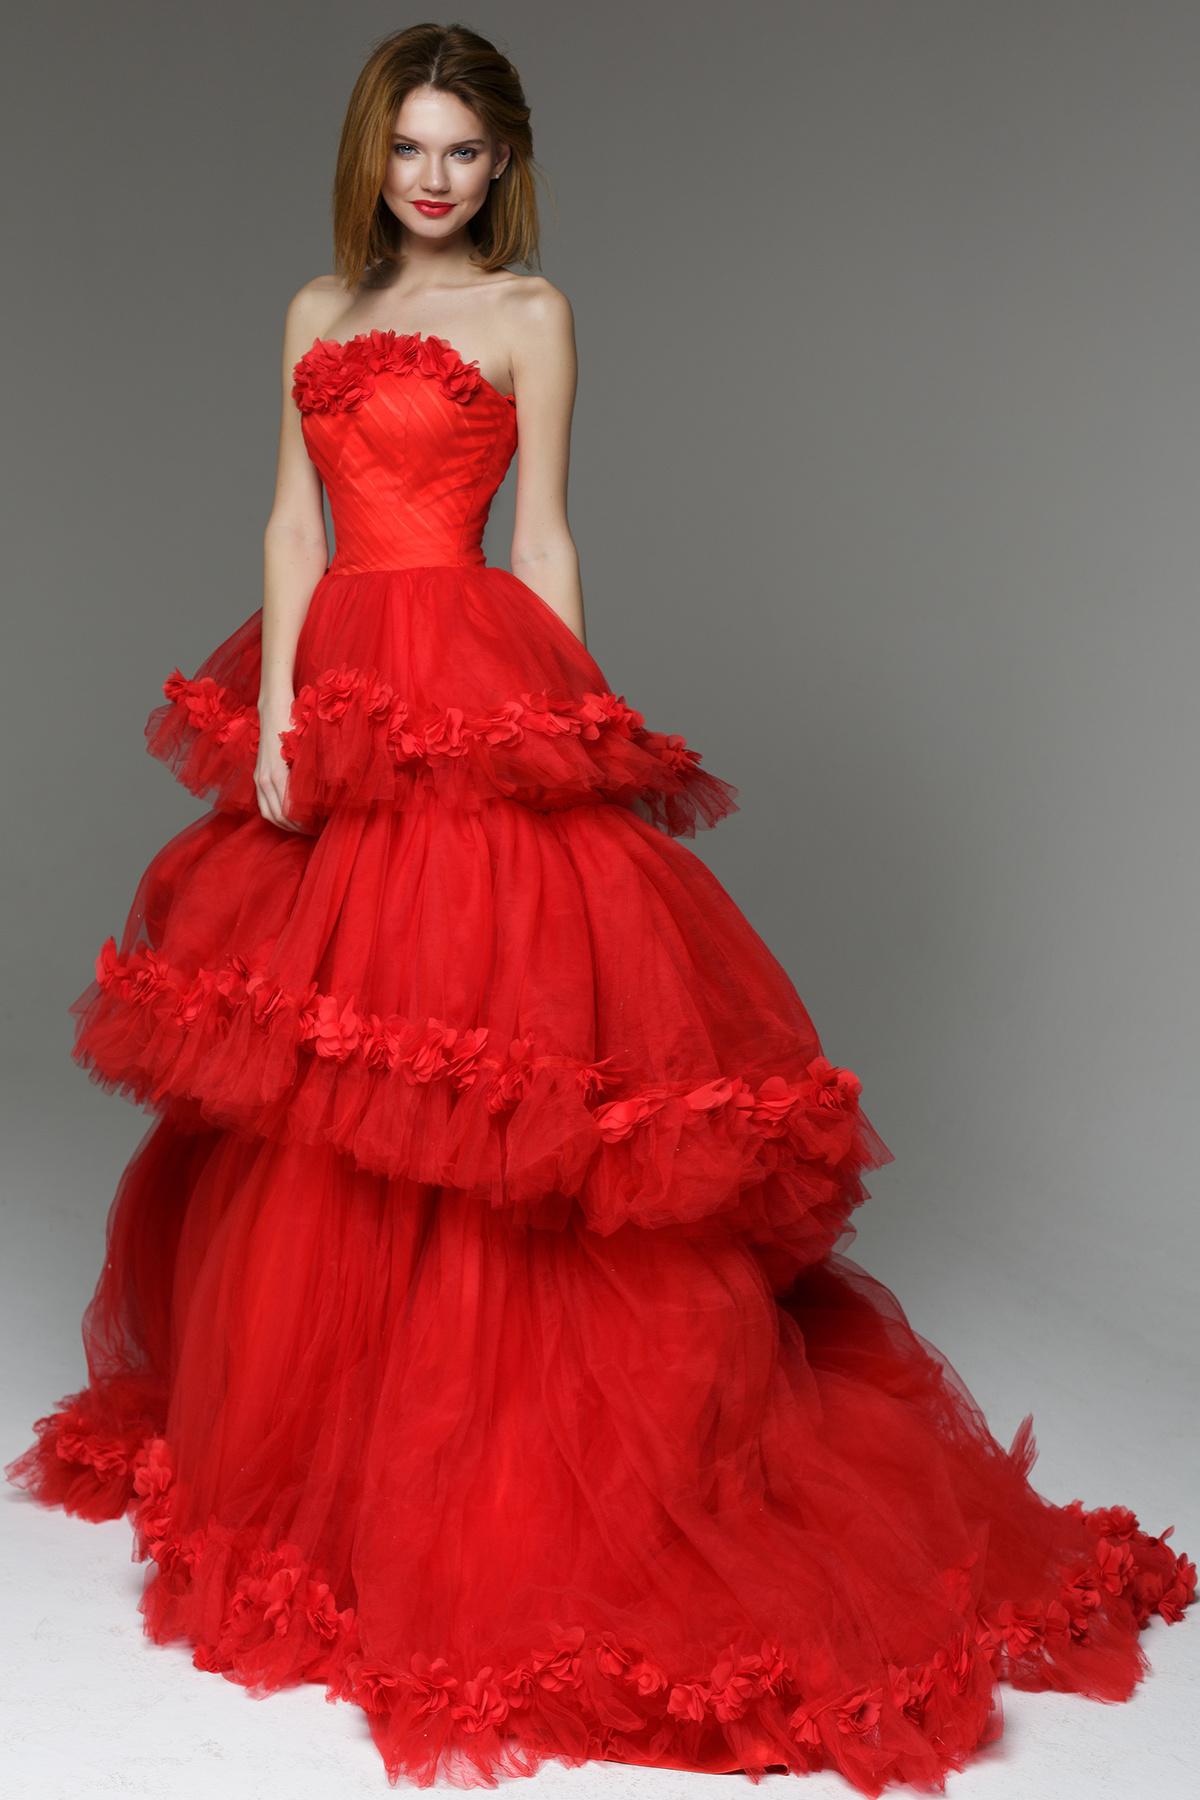 всё платья красные розовые картинки задает